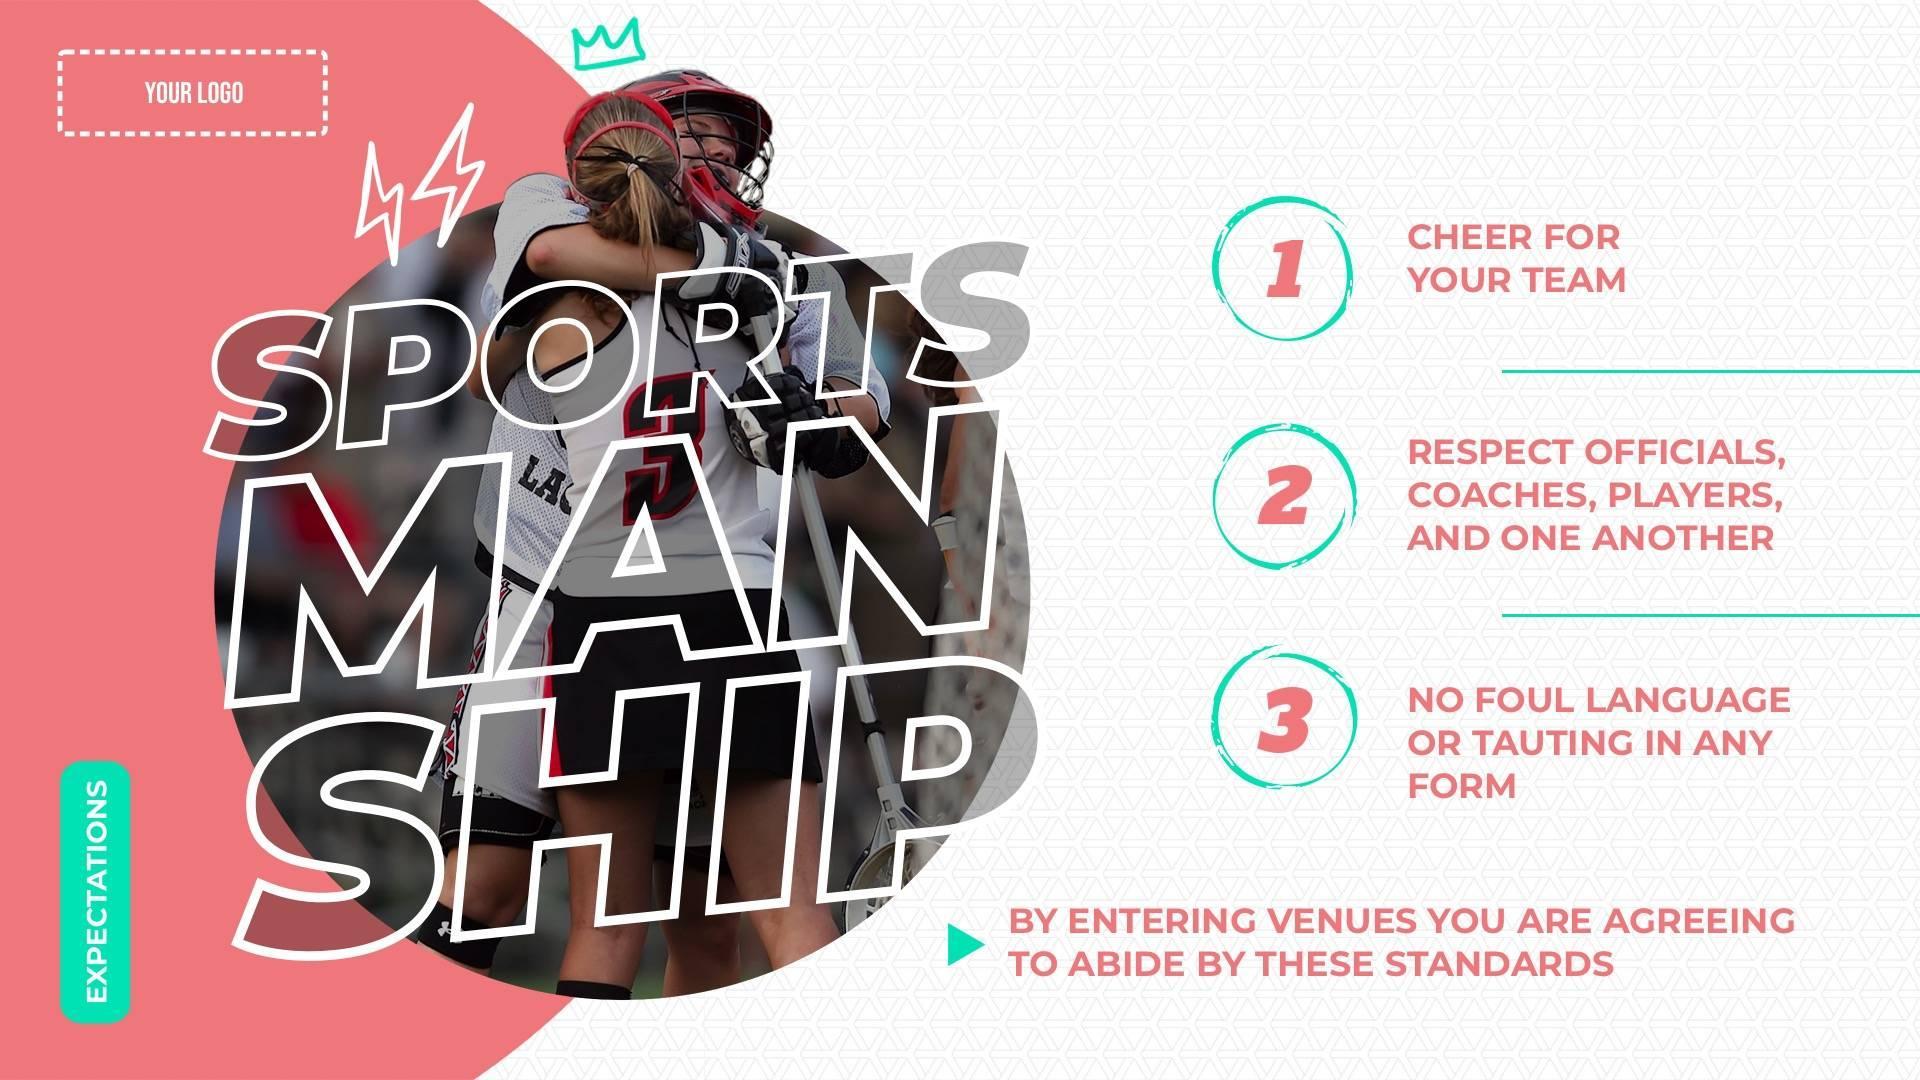 Sportsmanship Rules Digital Signage Template